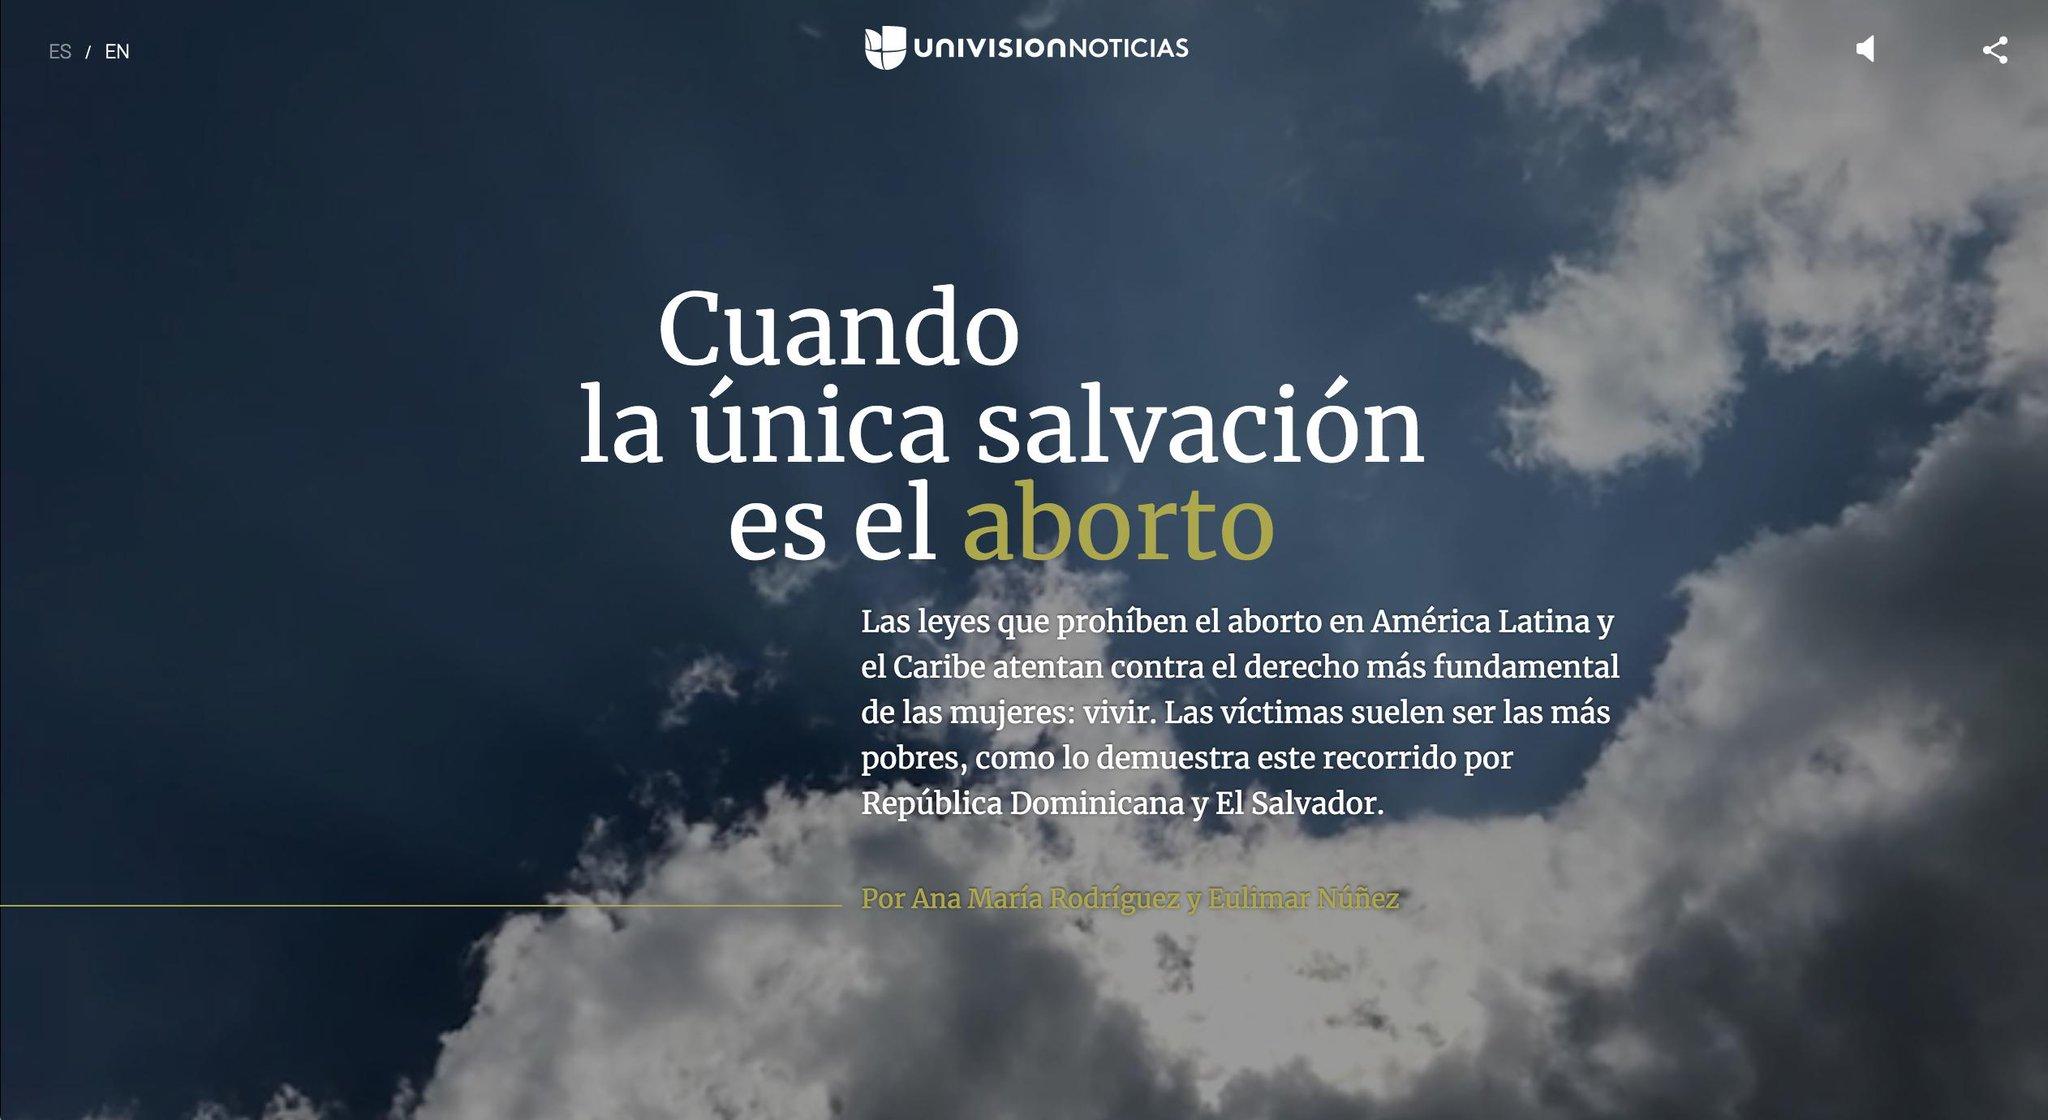 ¿Cómo es la vida en los países que prohíben el aborto sin excepciones, incluso cuando la vida de la mujer está en peligro? @anamaroqui y @eulimar visitaron El Salvador y República Dominicana para explicarlo en este especial de @uninoticias. https://t.co/G4vzlyYUvW